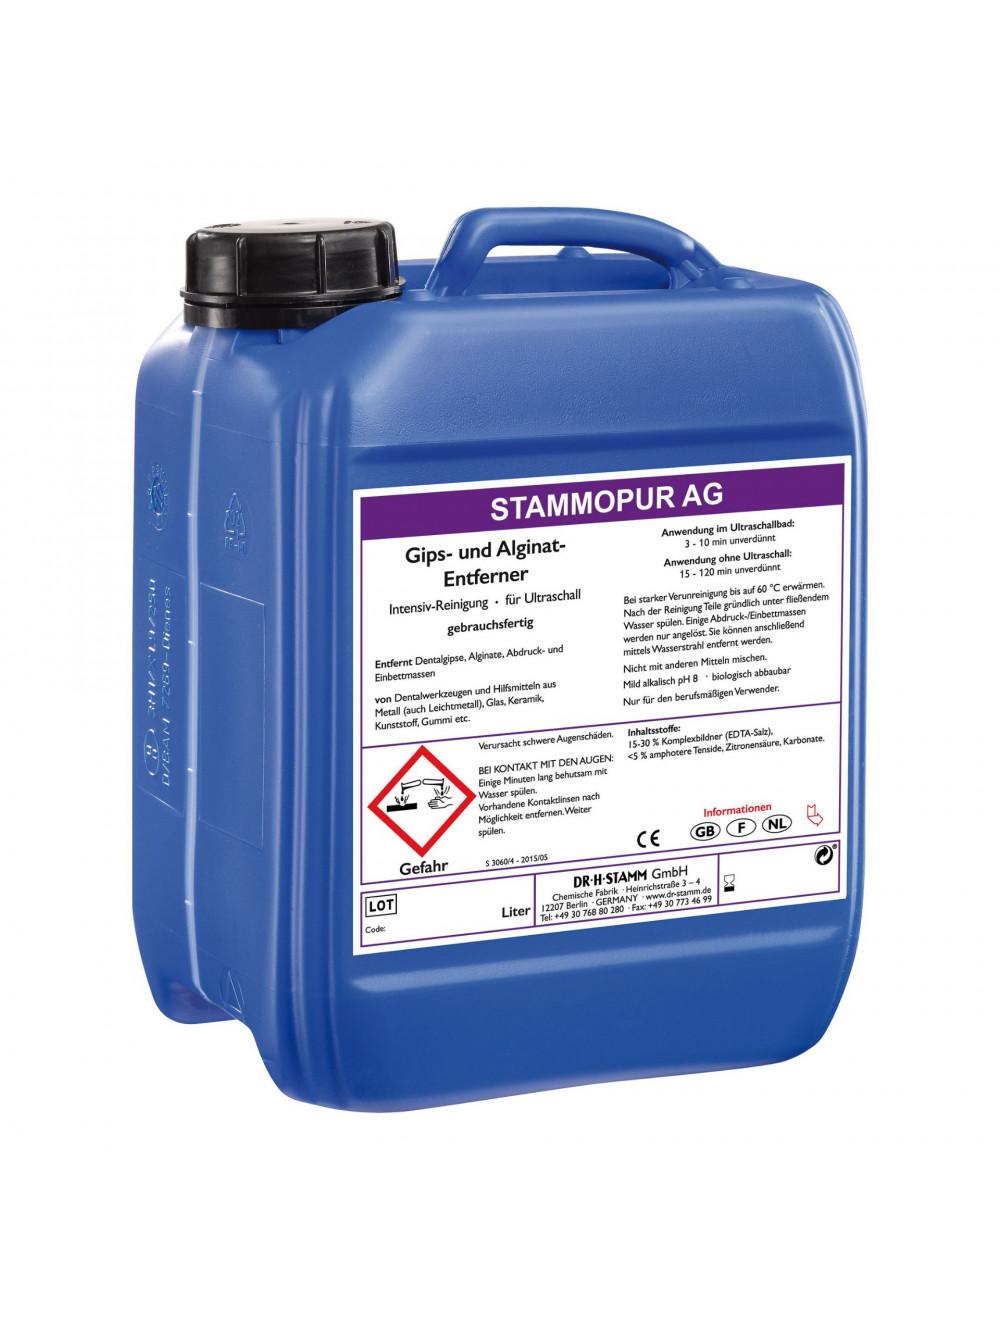 Bandelin Stammopur DR 8